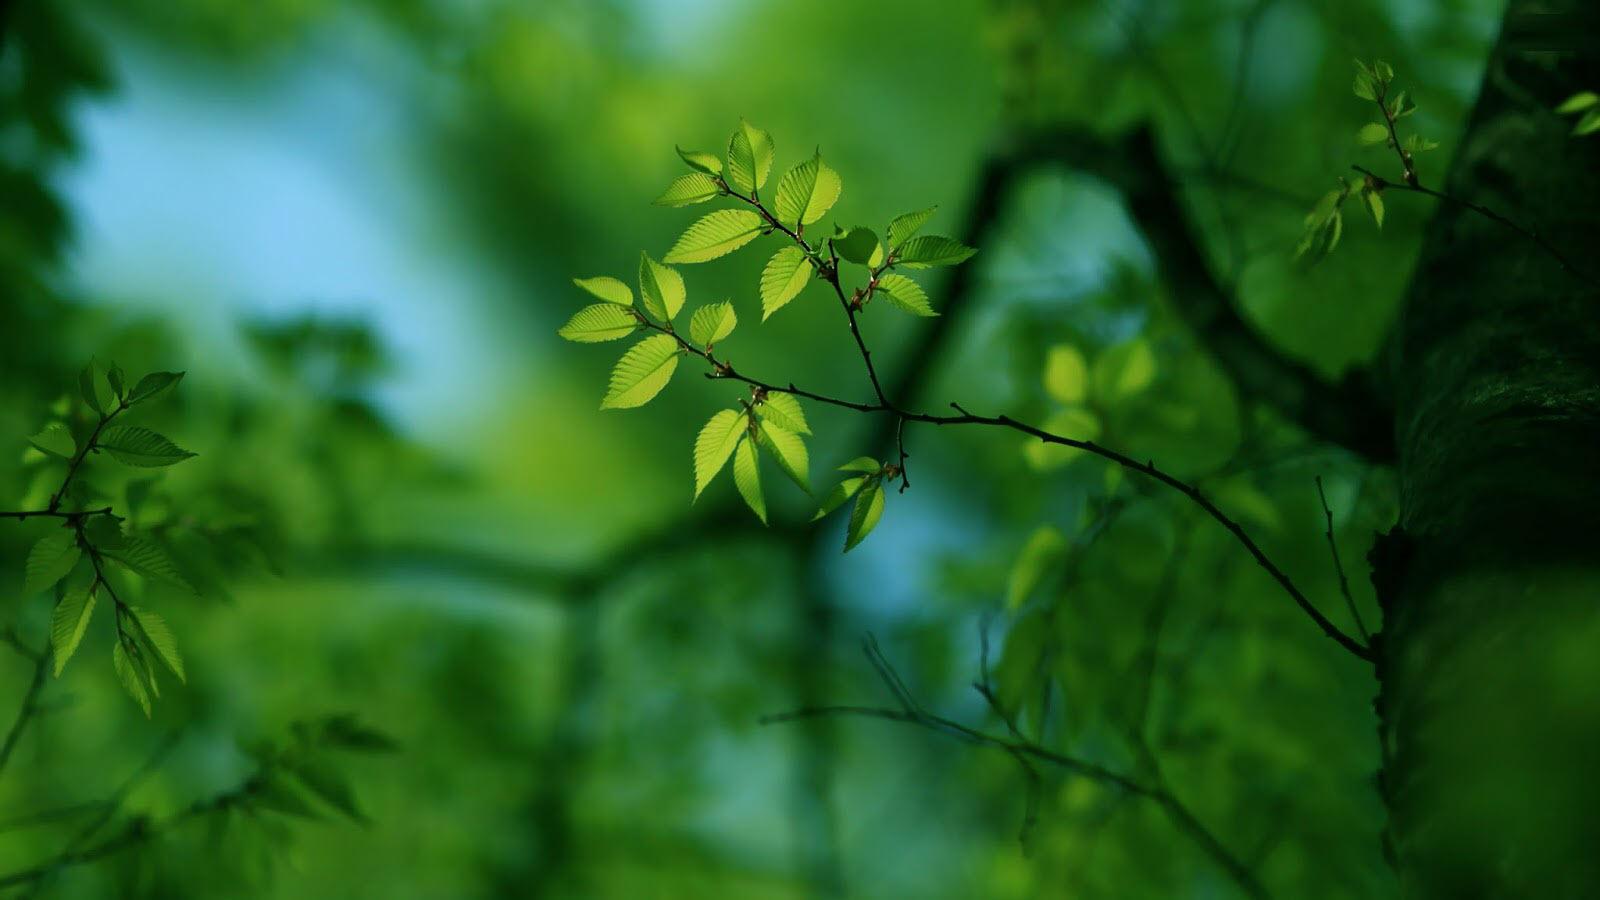 Hình nền xanh lá cây đẹp, độc